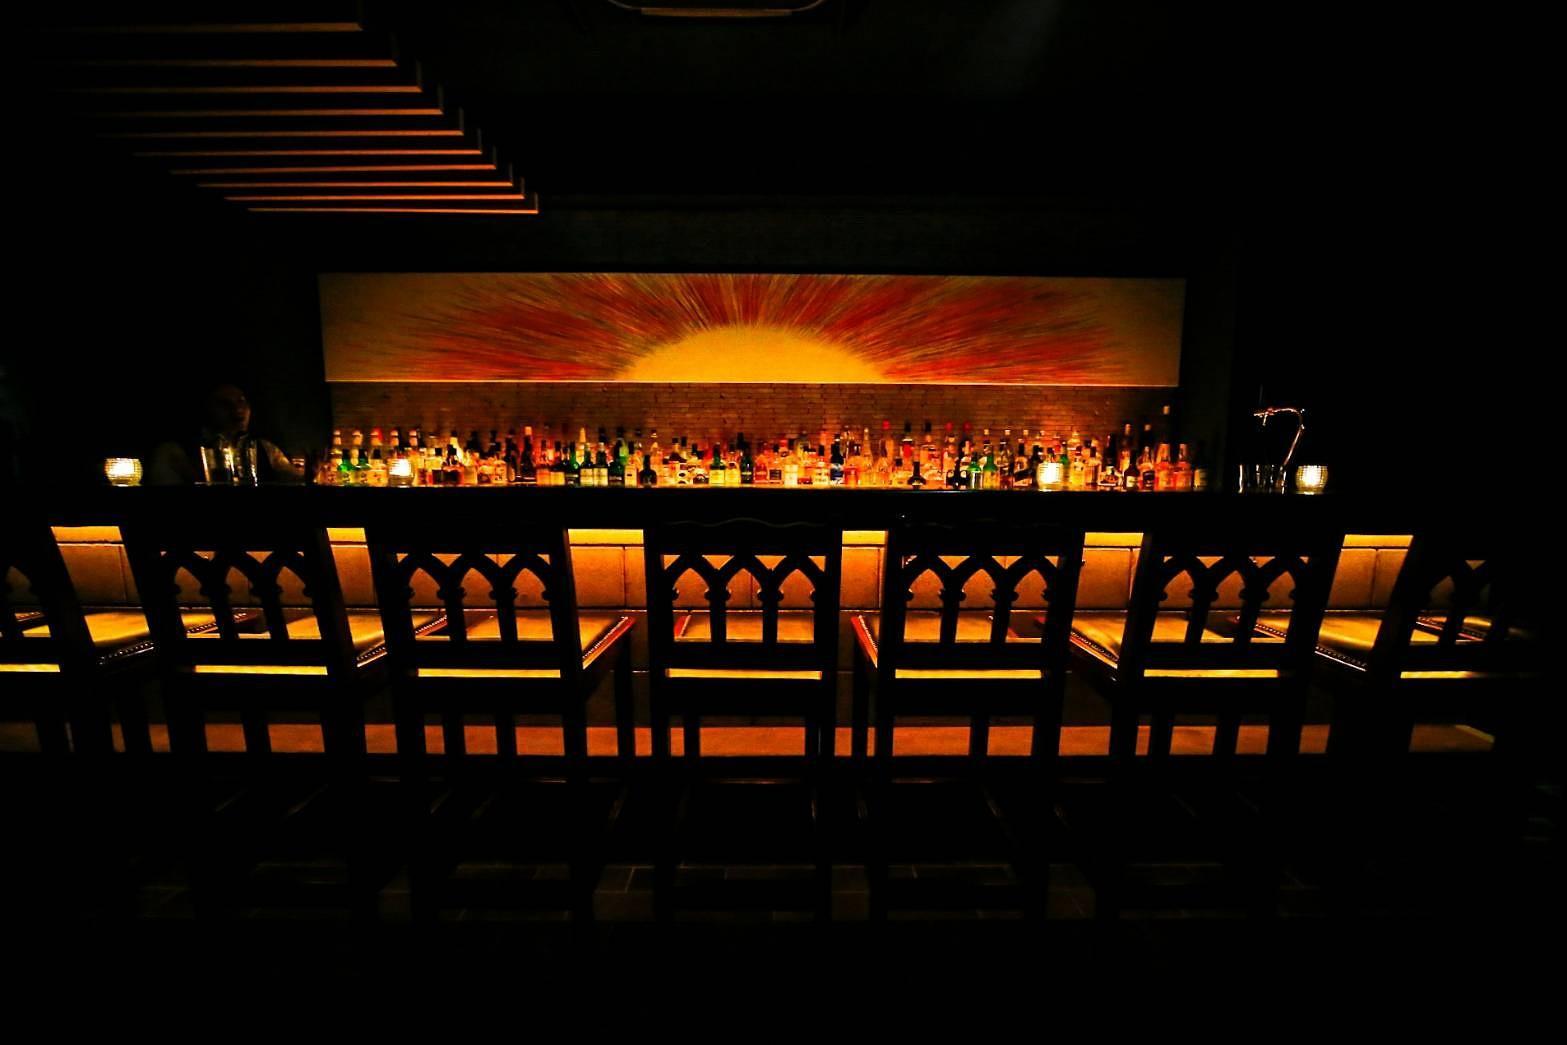 Looopでんき削減事例 | 神戸・三宮「燻製Bar dahlia」